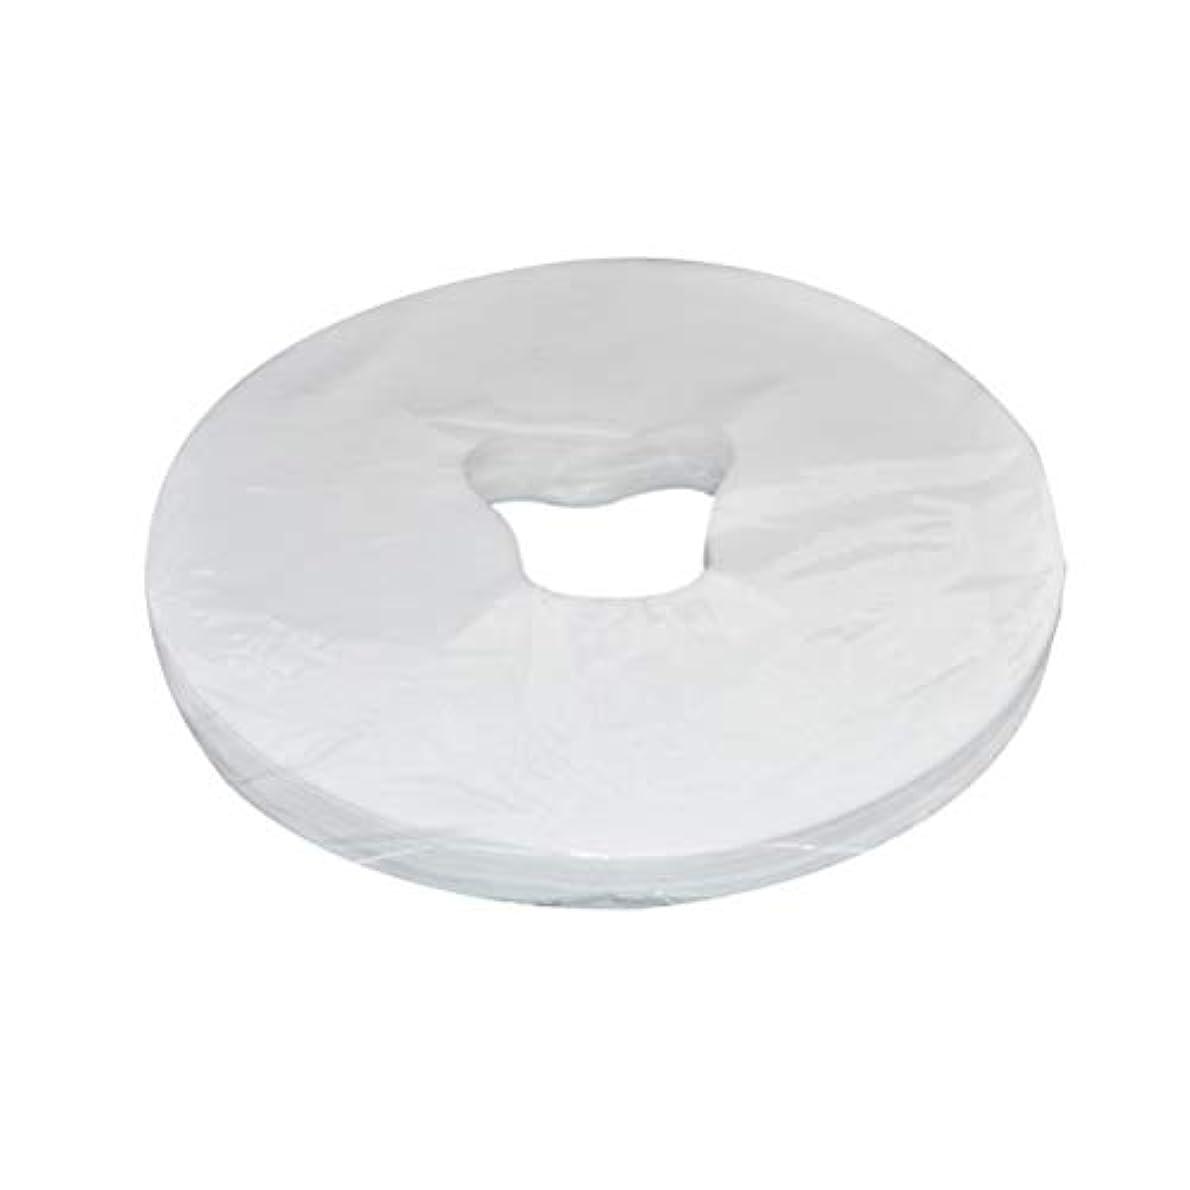 ラリーベルモントリフトものSUPVOX 100シートマッサージフェイスレストカバー使い捨てフェイスクレードルカバーマッサージヘッドレストカバーSPA美容院マッサージタトゥーホテルマットレスカバー29×28 cm(ホワイト)